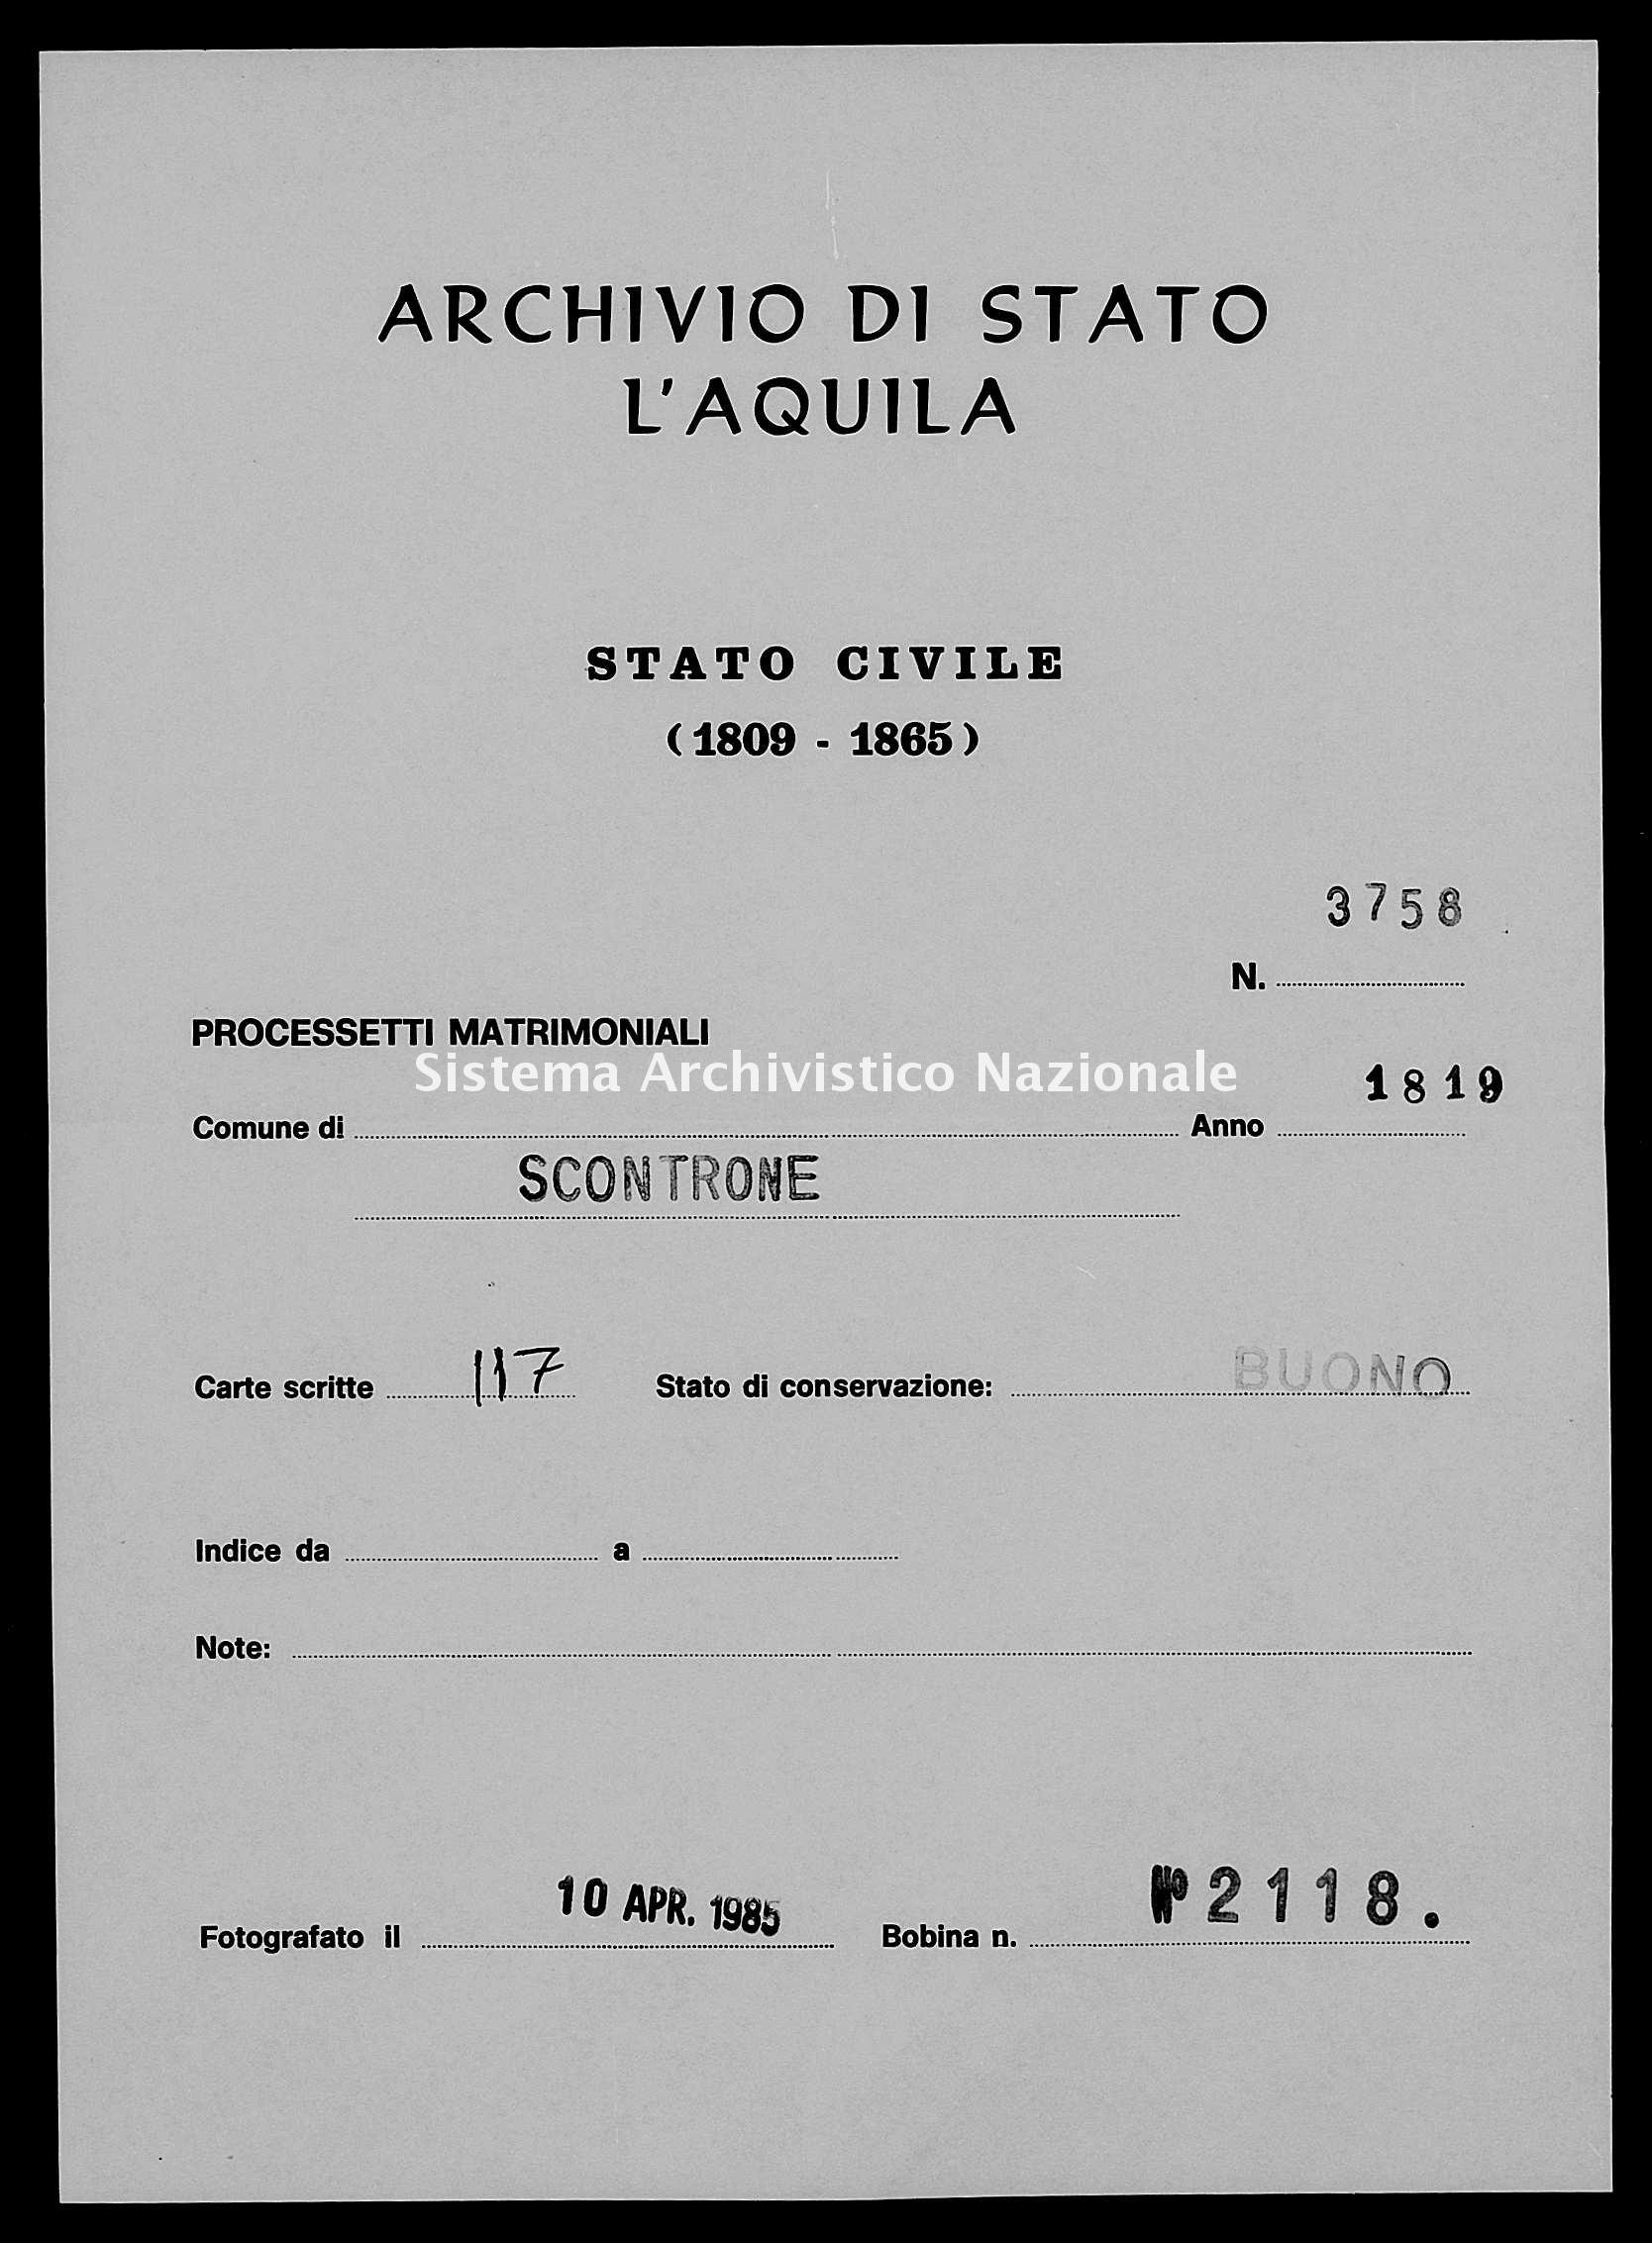 Archivio di stato di L'aquila - Stato civile della restaurazione - Scontrone - Matrimoni, processetti - 1819 - 3758 -